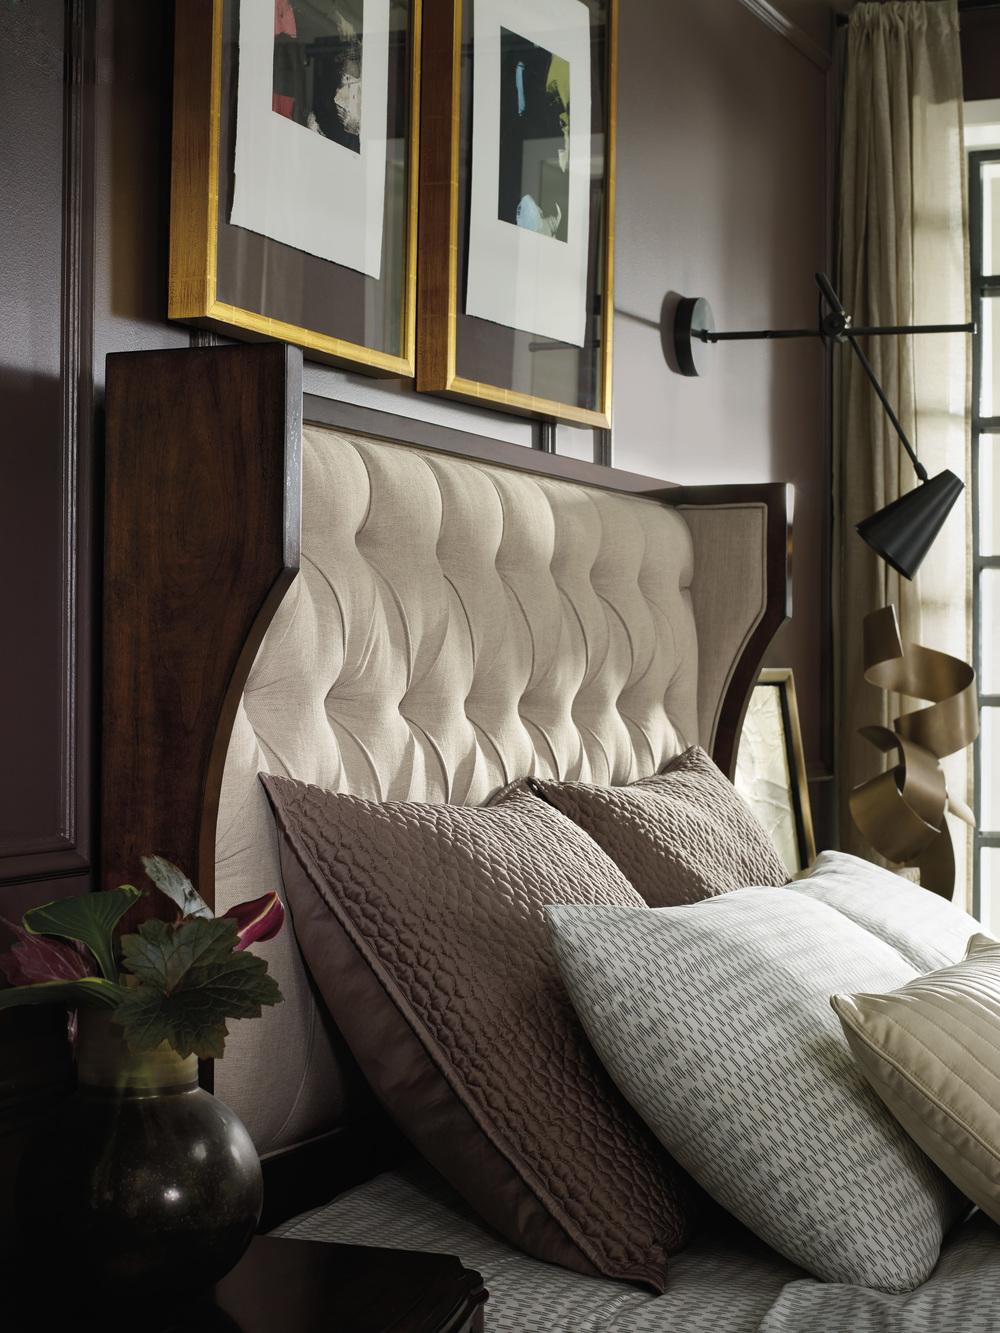 Hooker Furniture - Queen Upholstered Shelter Bed